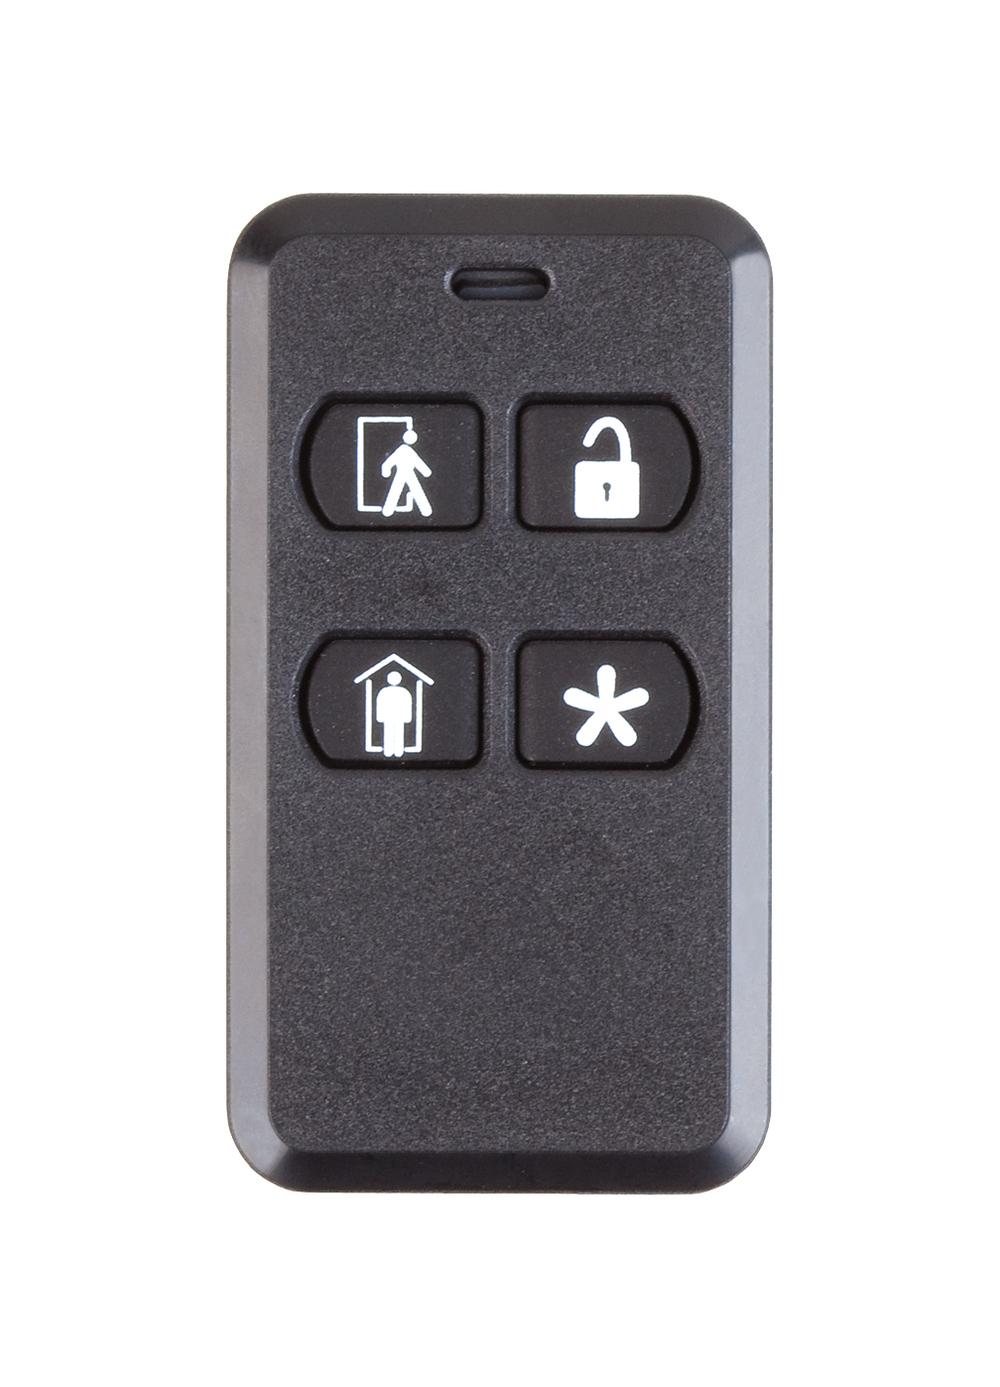 Key Chain Remote